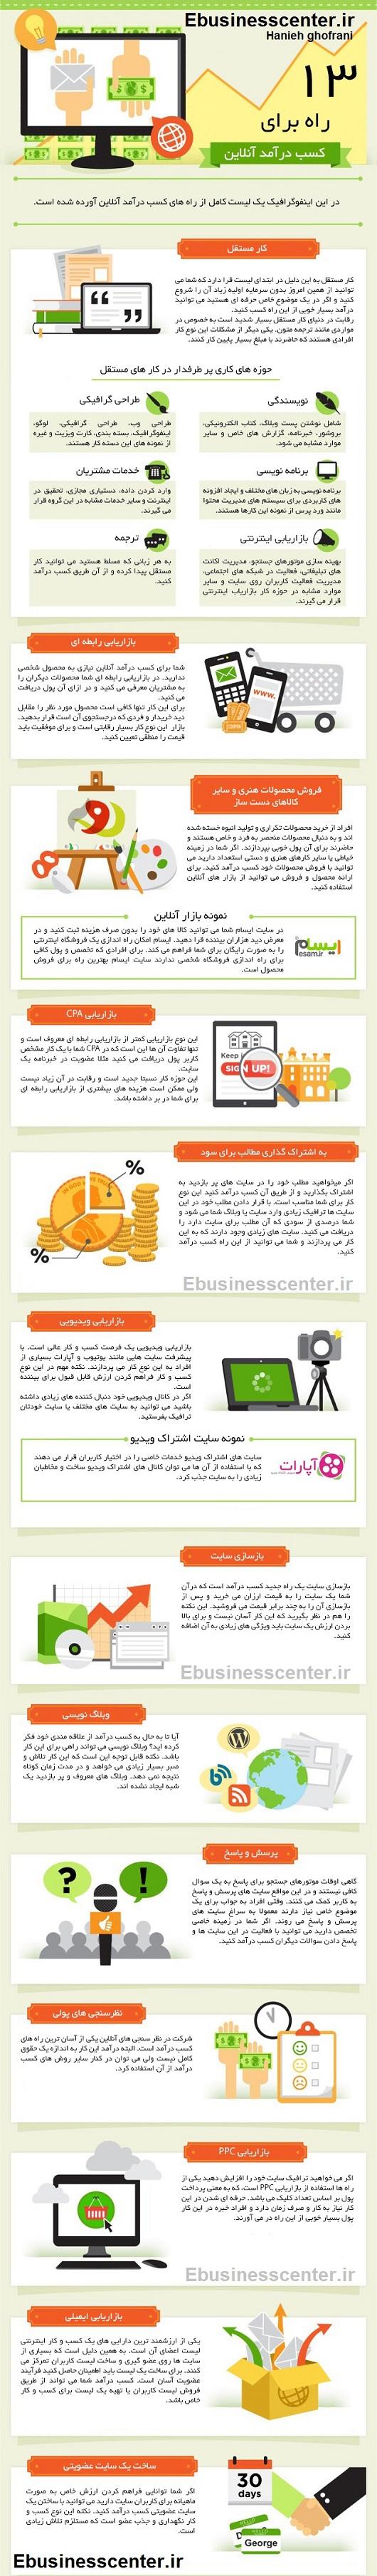 کسب درآمد اینترنتی آنلاین